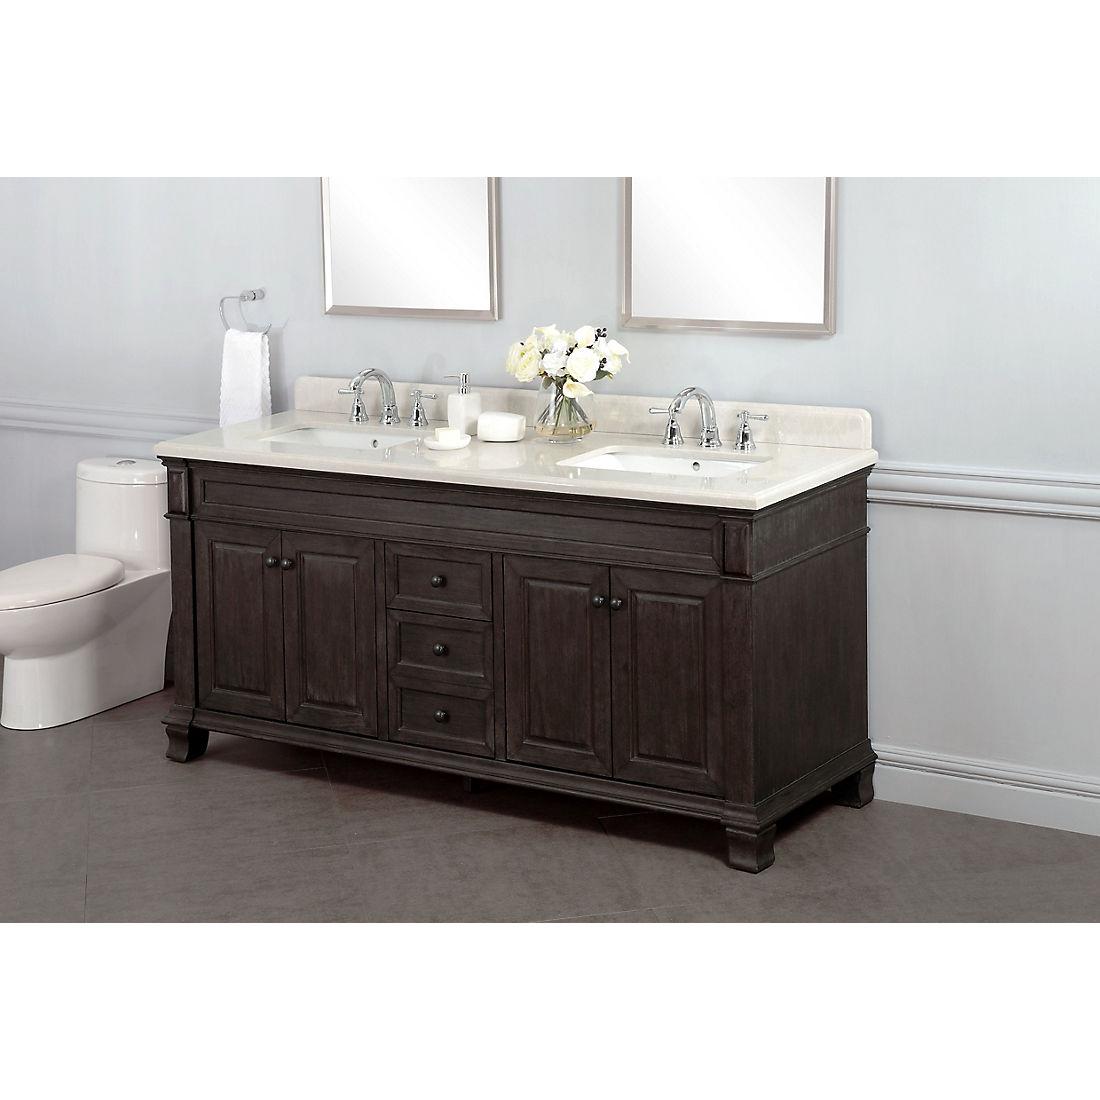 Lanza Kingsley 72 Double Sink Bathroom Vanity Distressed Dark Chocolate